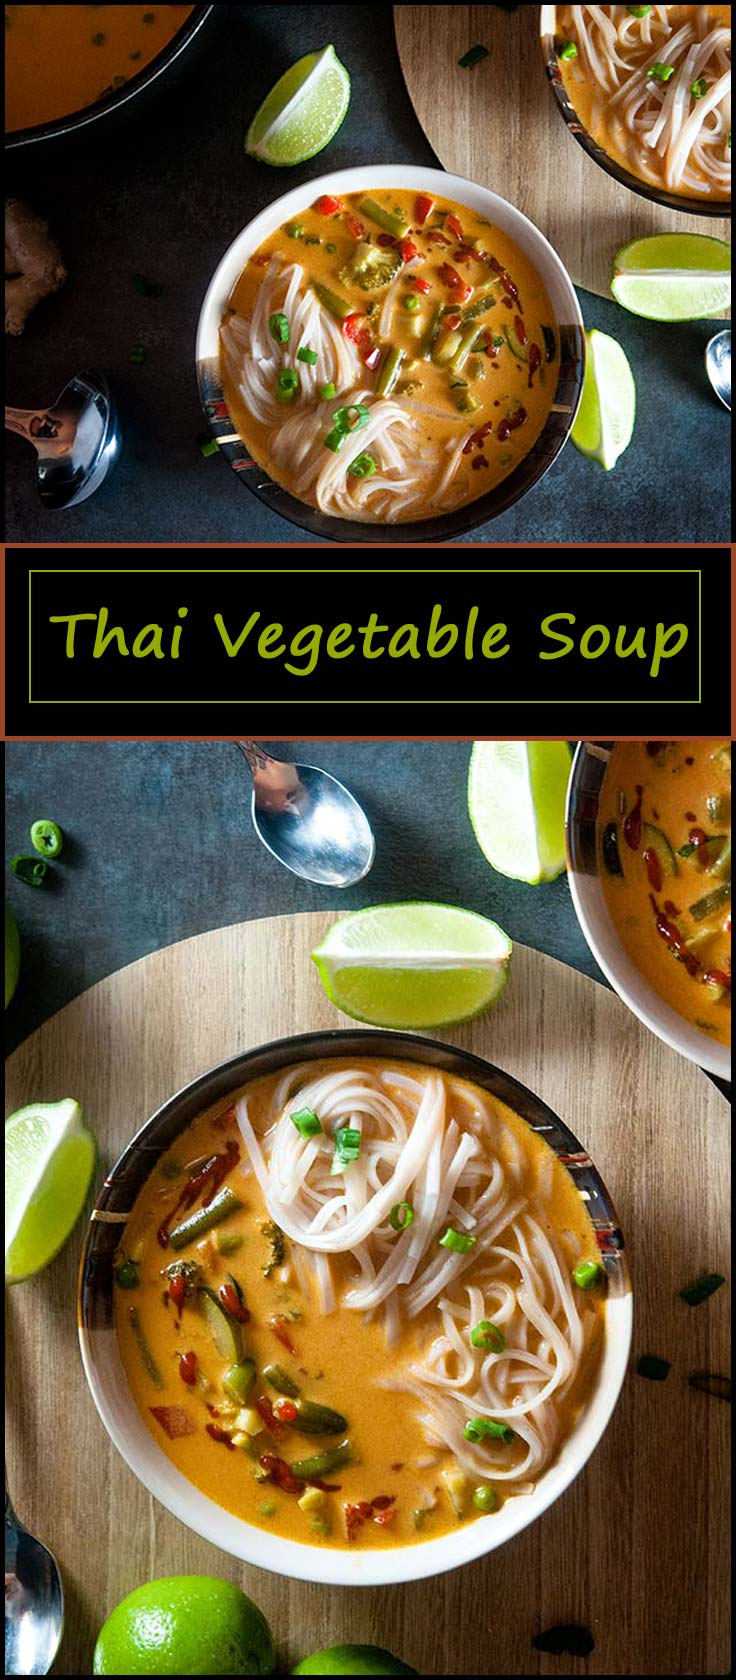 Easy vegetarian and vegan friendly spicy Thai vegetable soup. Gluten free. from www.seasonedsprinkles.com